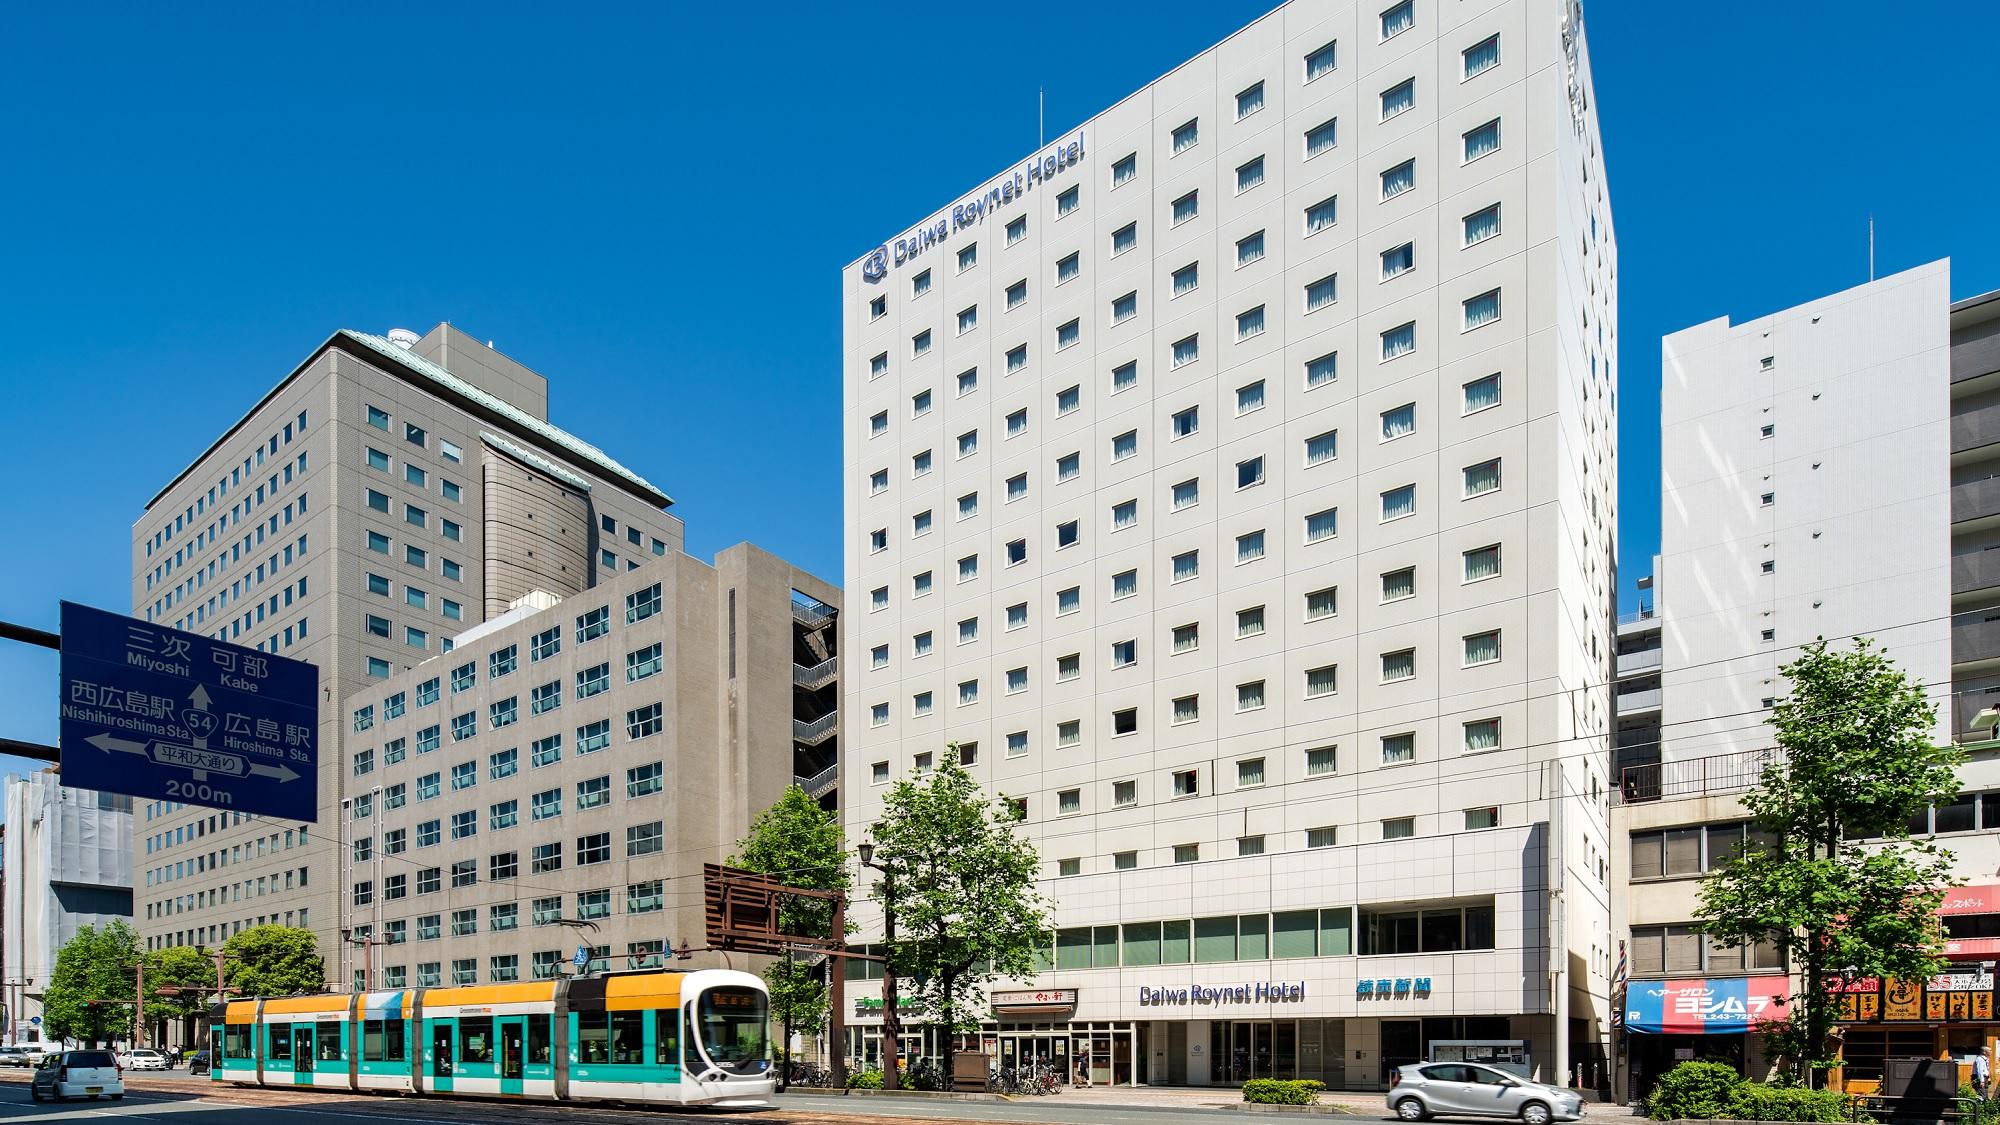 ダイワ ロイネット ホテル 広島◆楽天トラベル